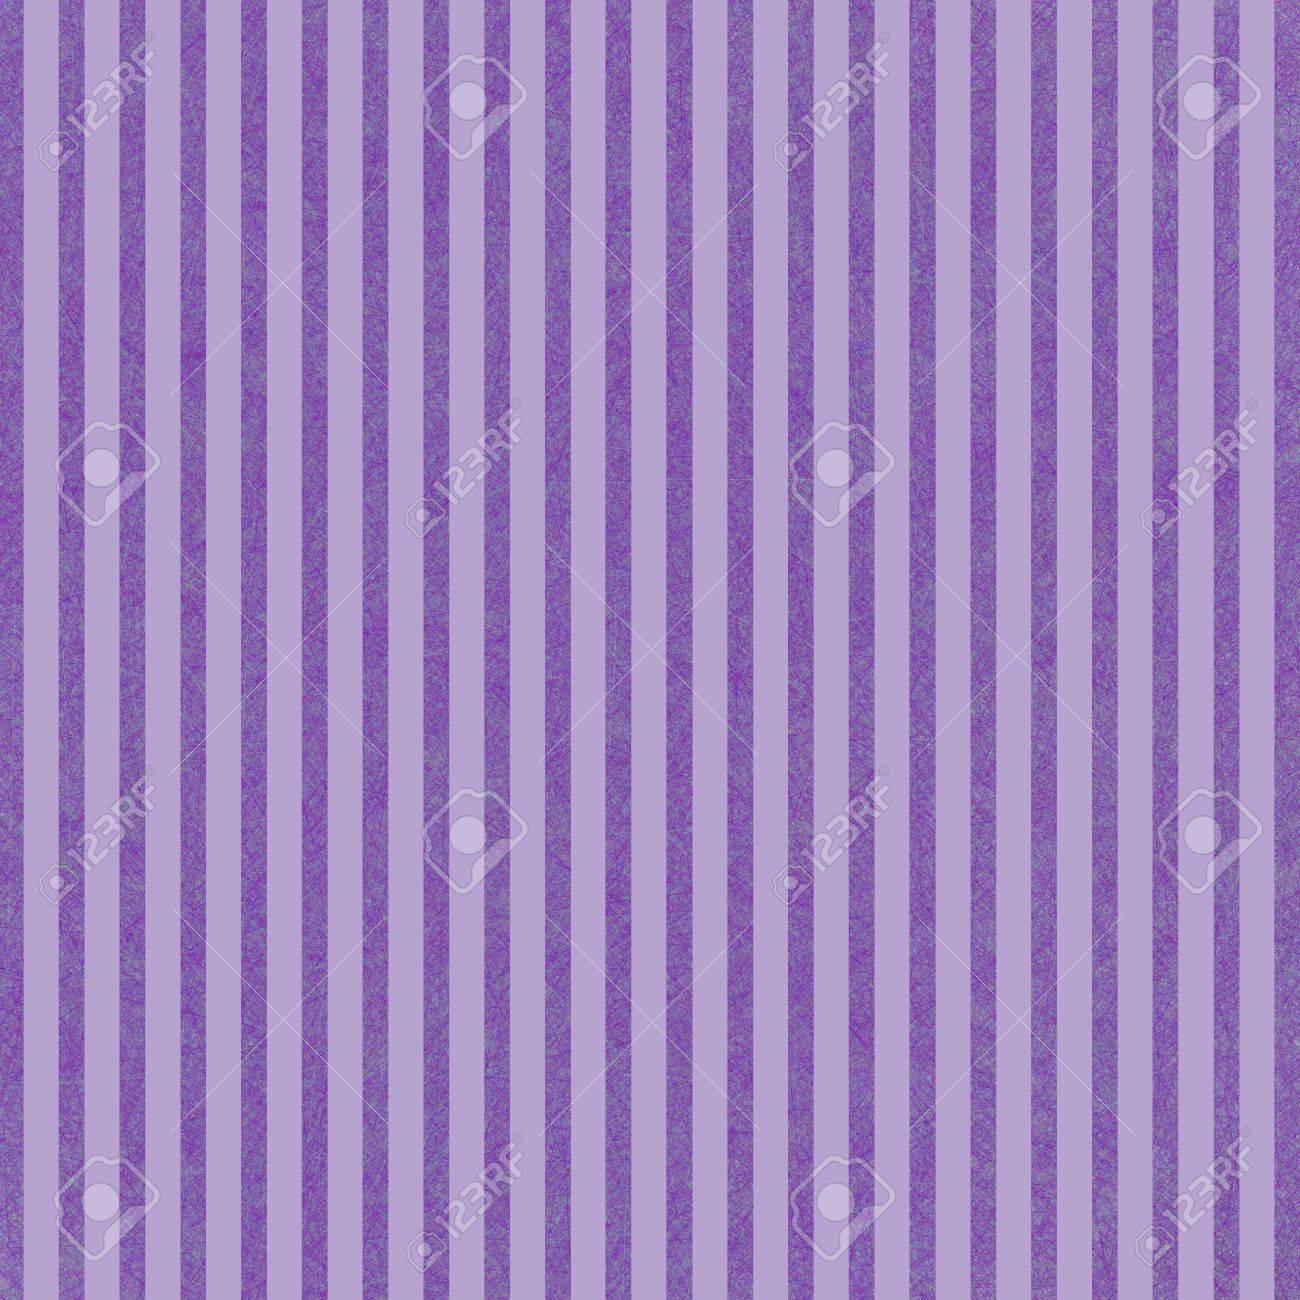 Fondo Púrpura Abstracta, Diseño Patrón De Línea A Rayas Elemento ...